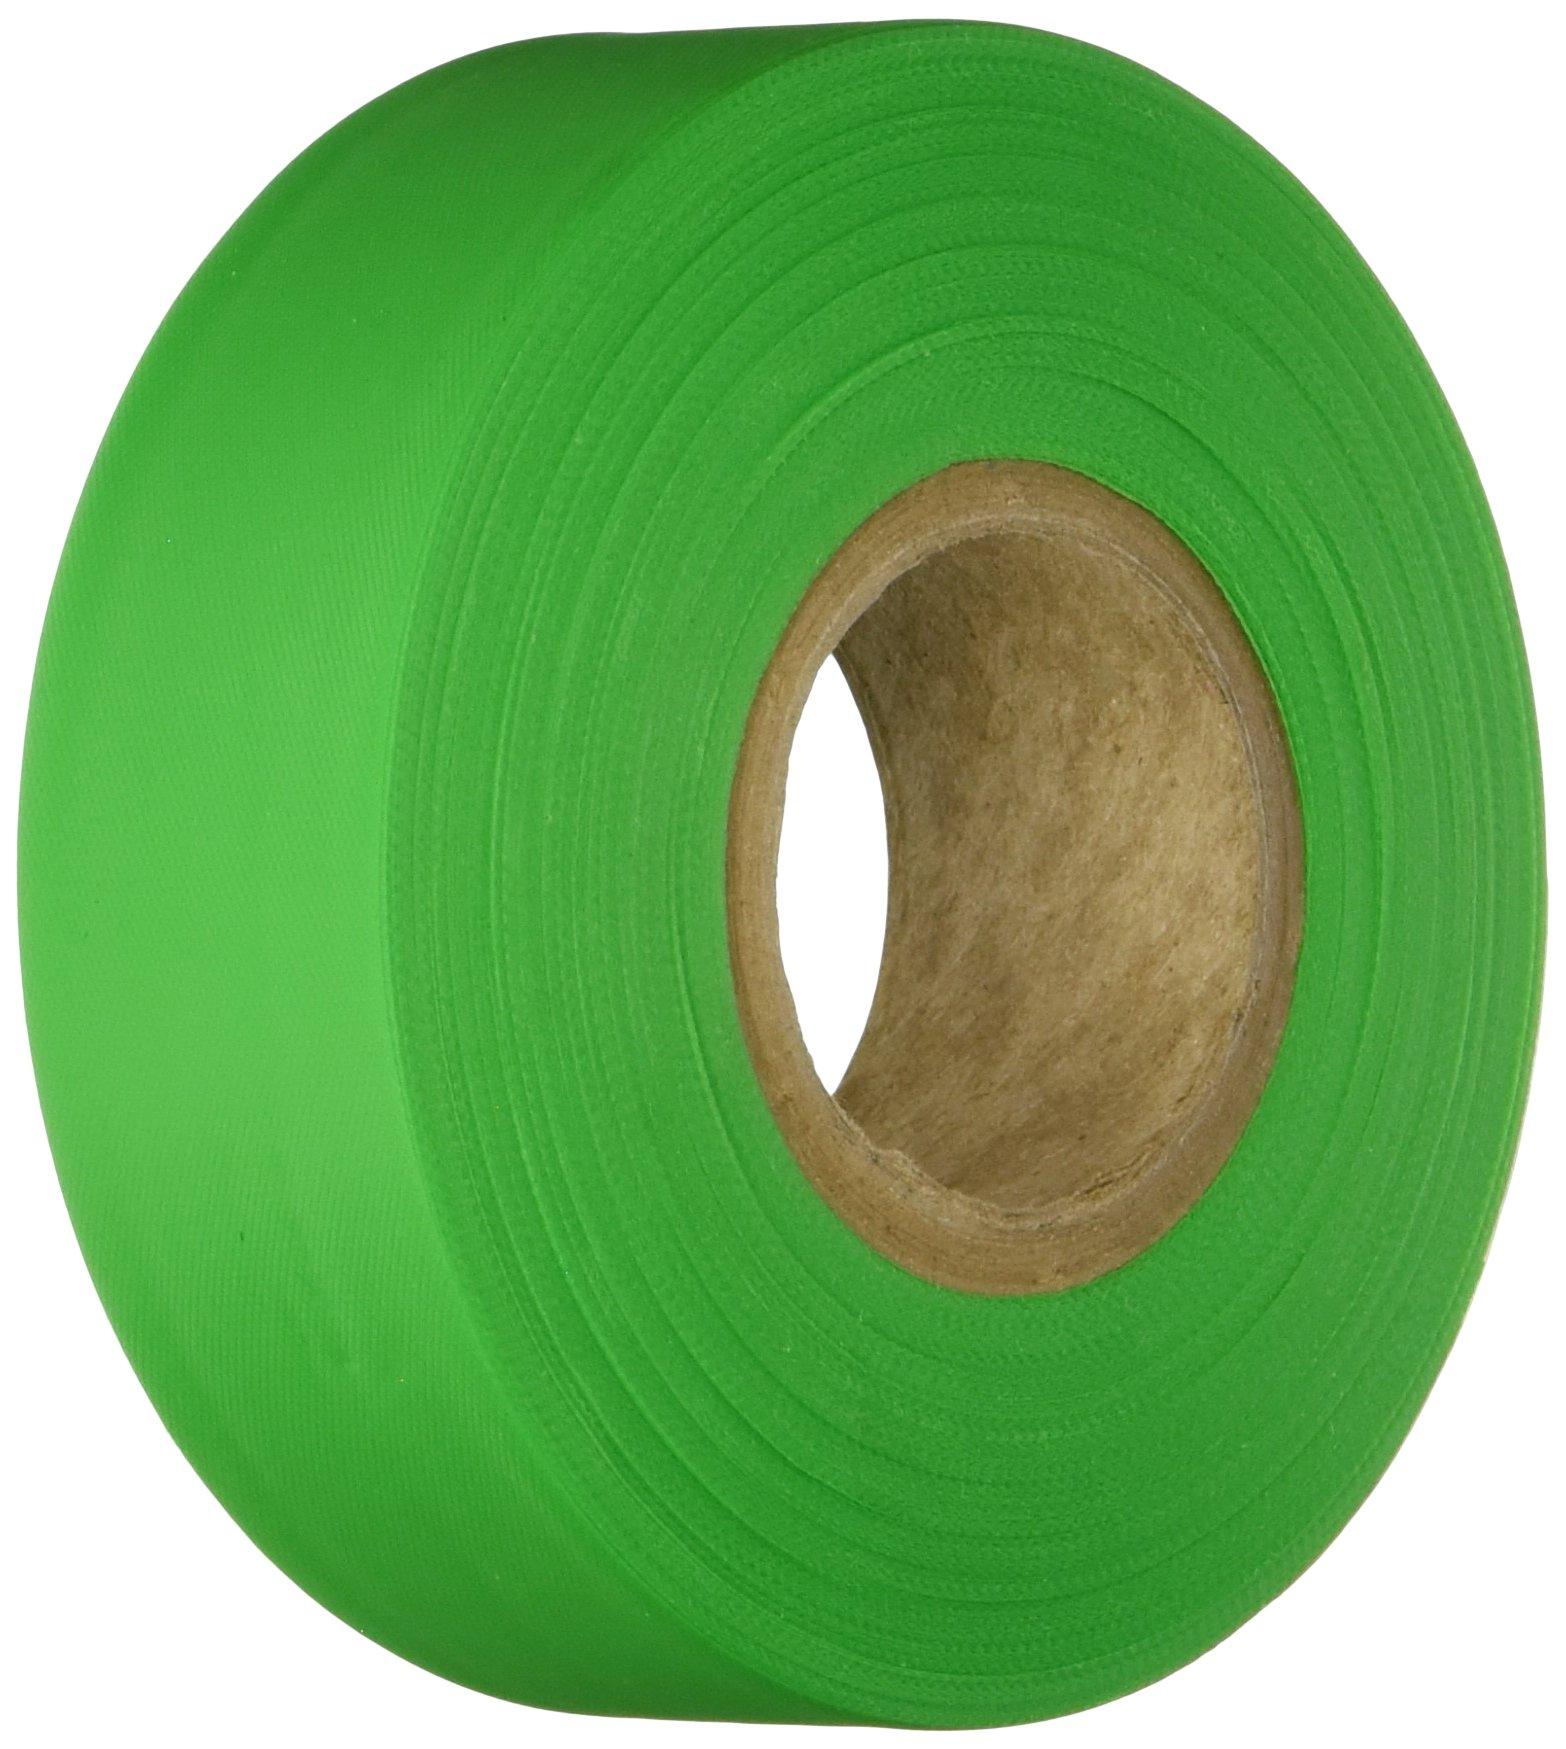 Brady 58353 Barricade Tape, Fluorescent Green